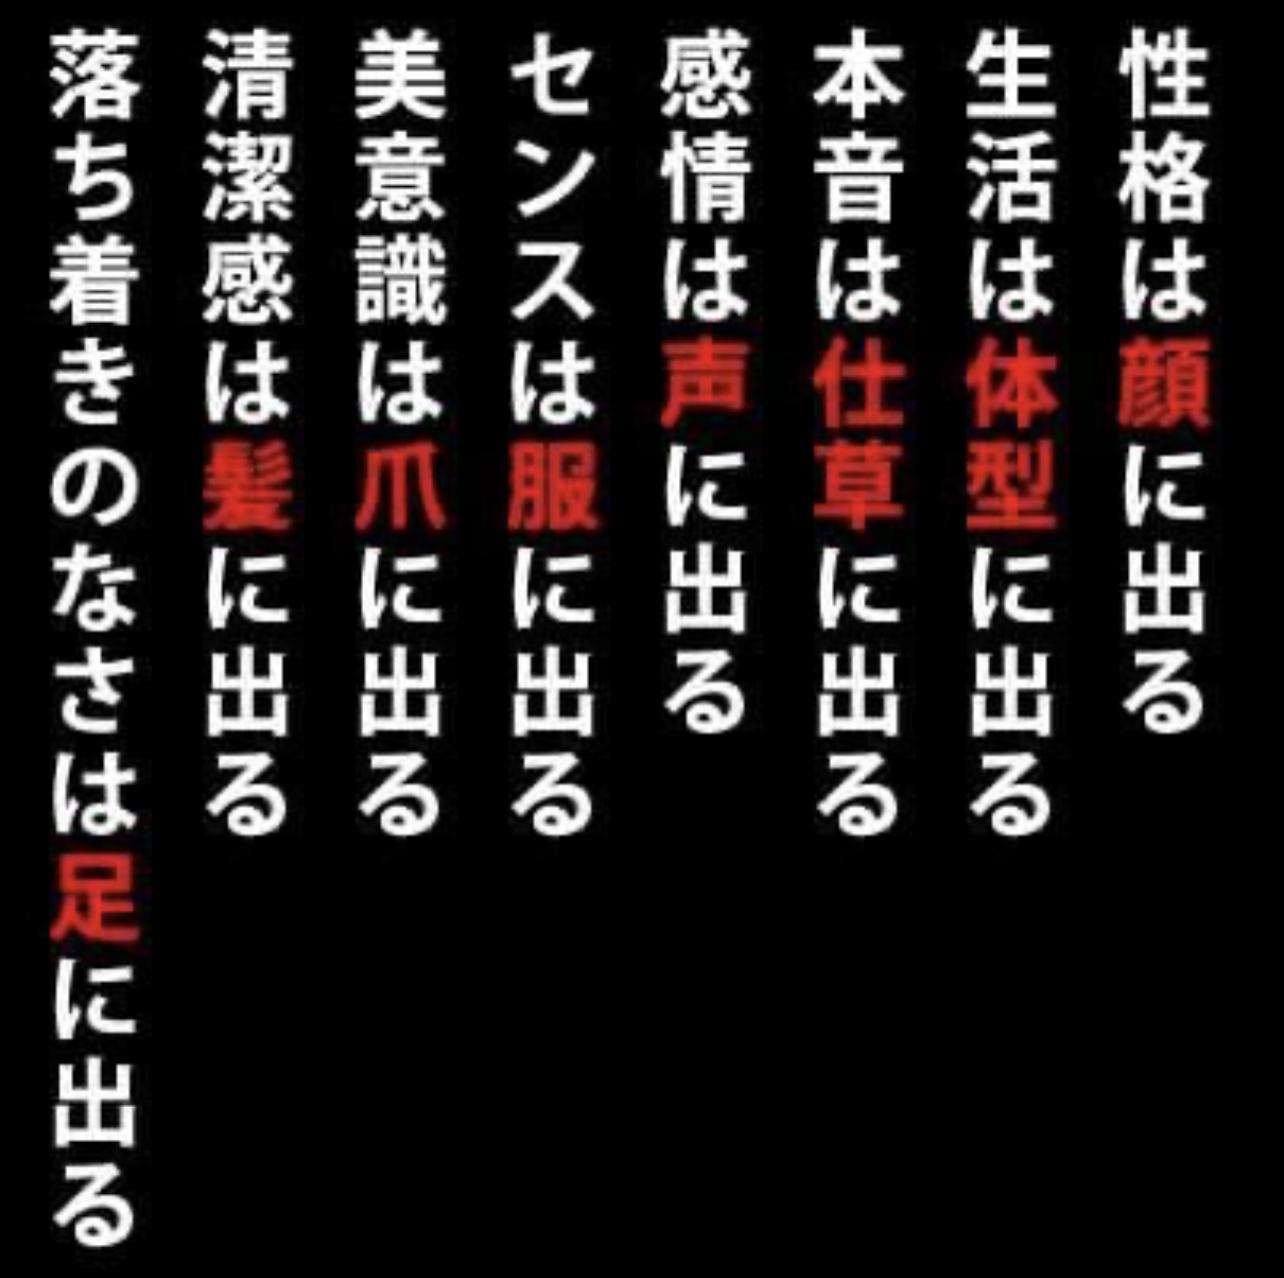 3EAF8604-0F47-4BF9-B789-D175AB69593C